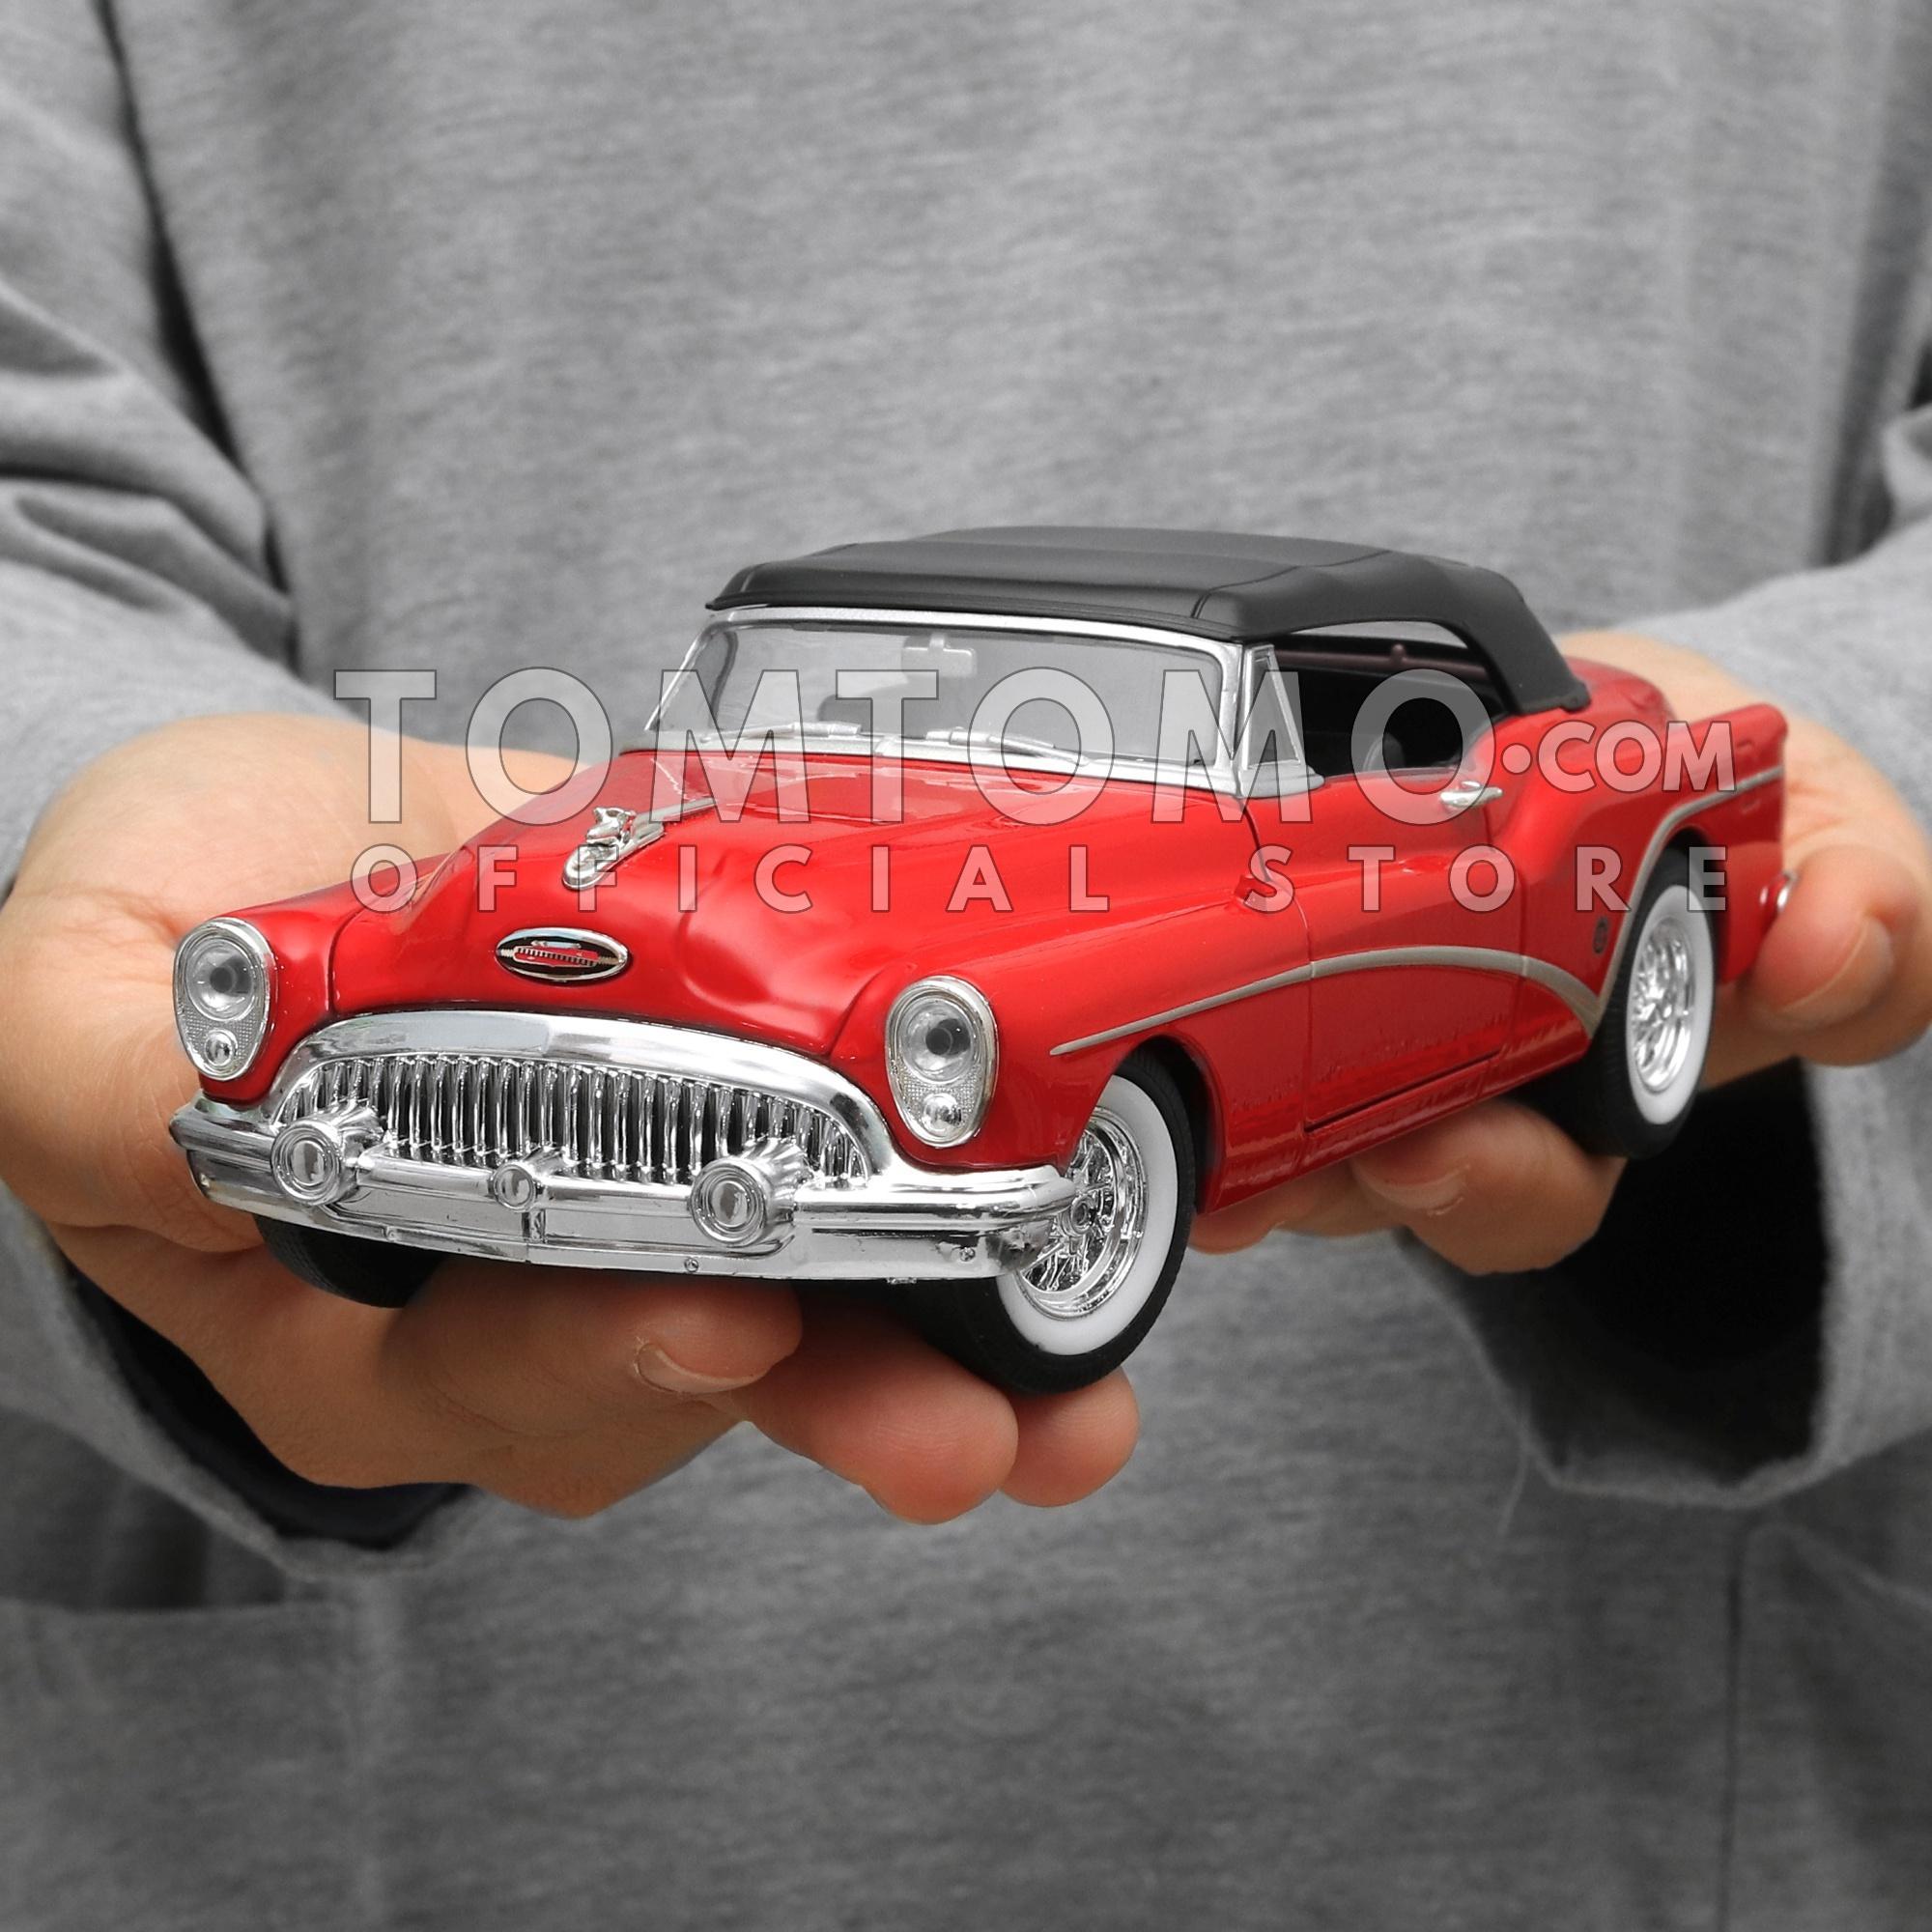 Buick 53 Classic Series Tomtomo Diecast Miniatur Mobil Mobilan Klasik Antik Kuno Kado Ultah Mainan